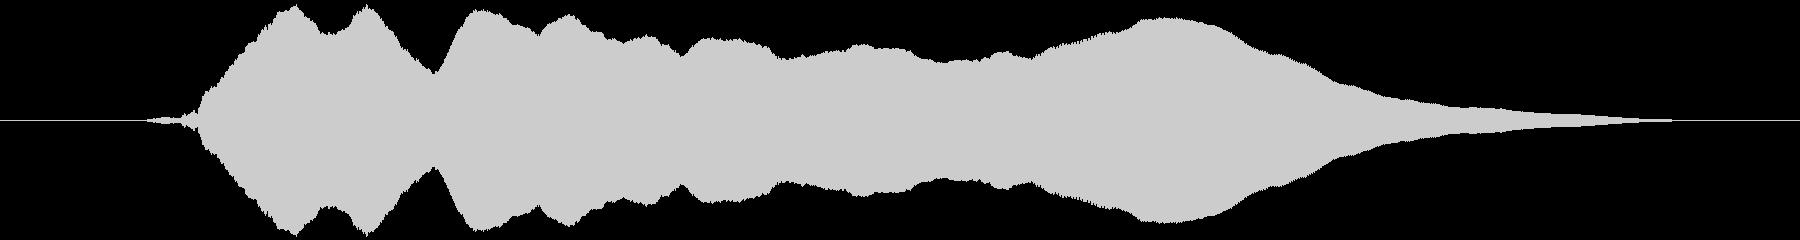 オノマトペ(ゆっくりと下降)ヒヨーォーゥの未再生の波形